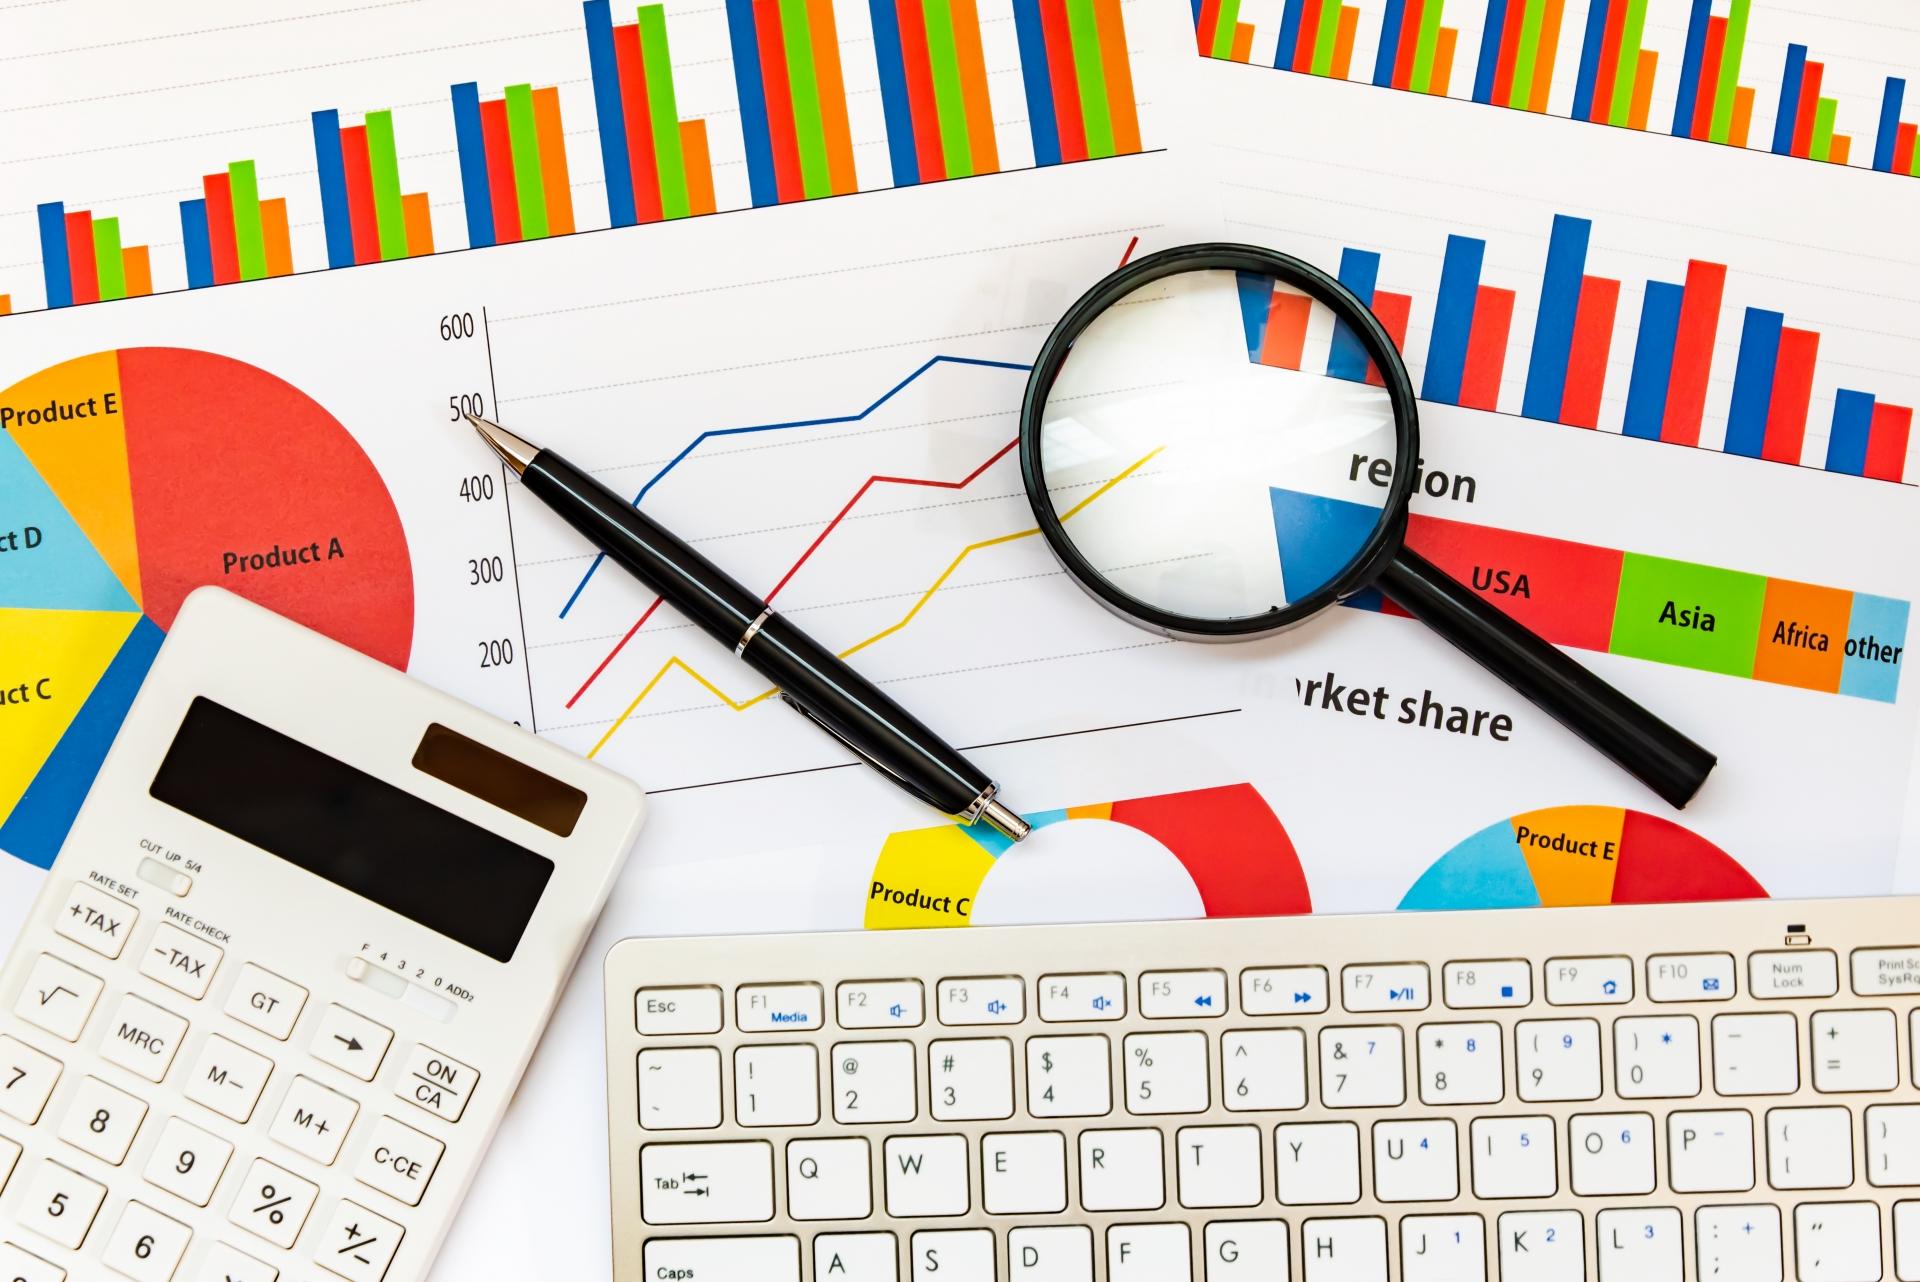 KPIとは?本当の意味や具体的な設定方法を分かりやすく解説!